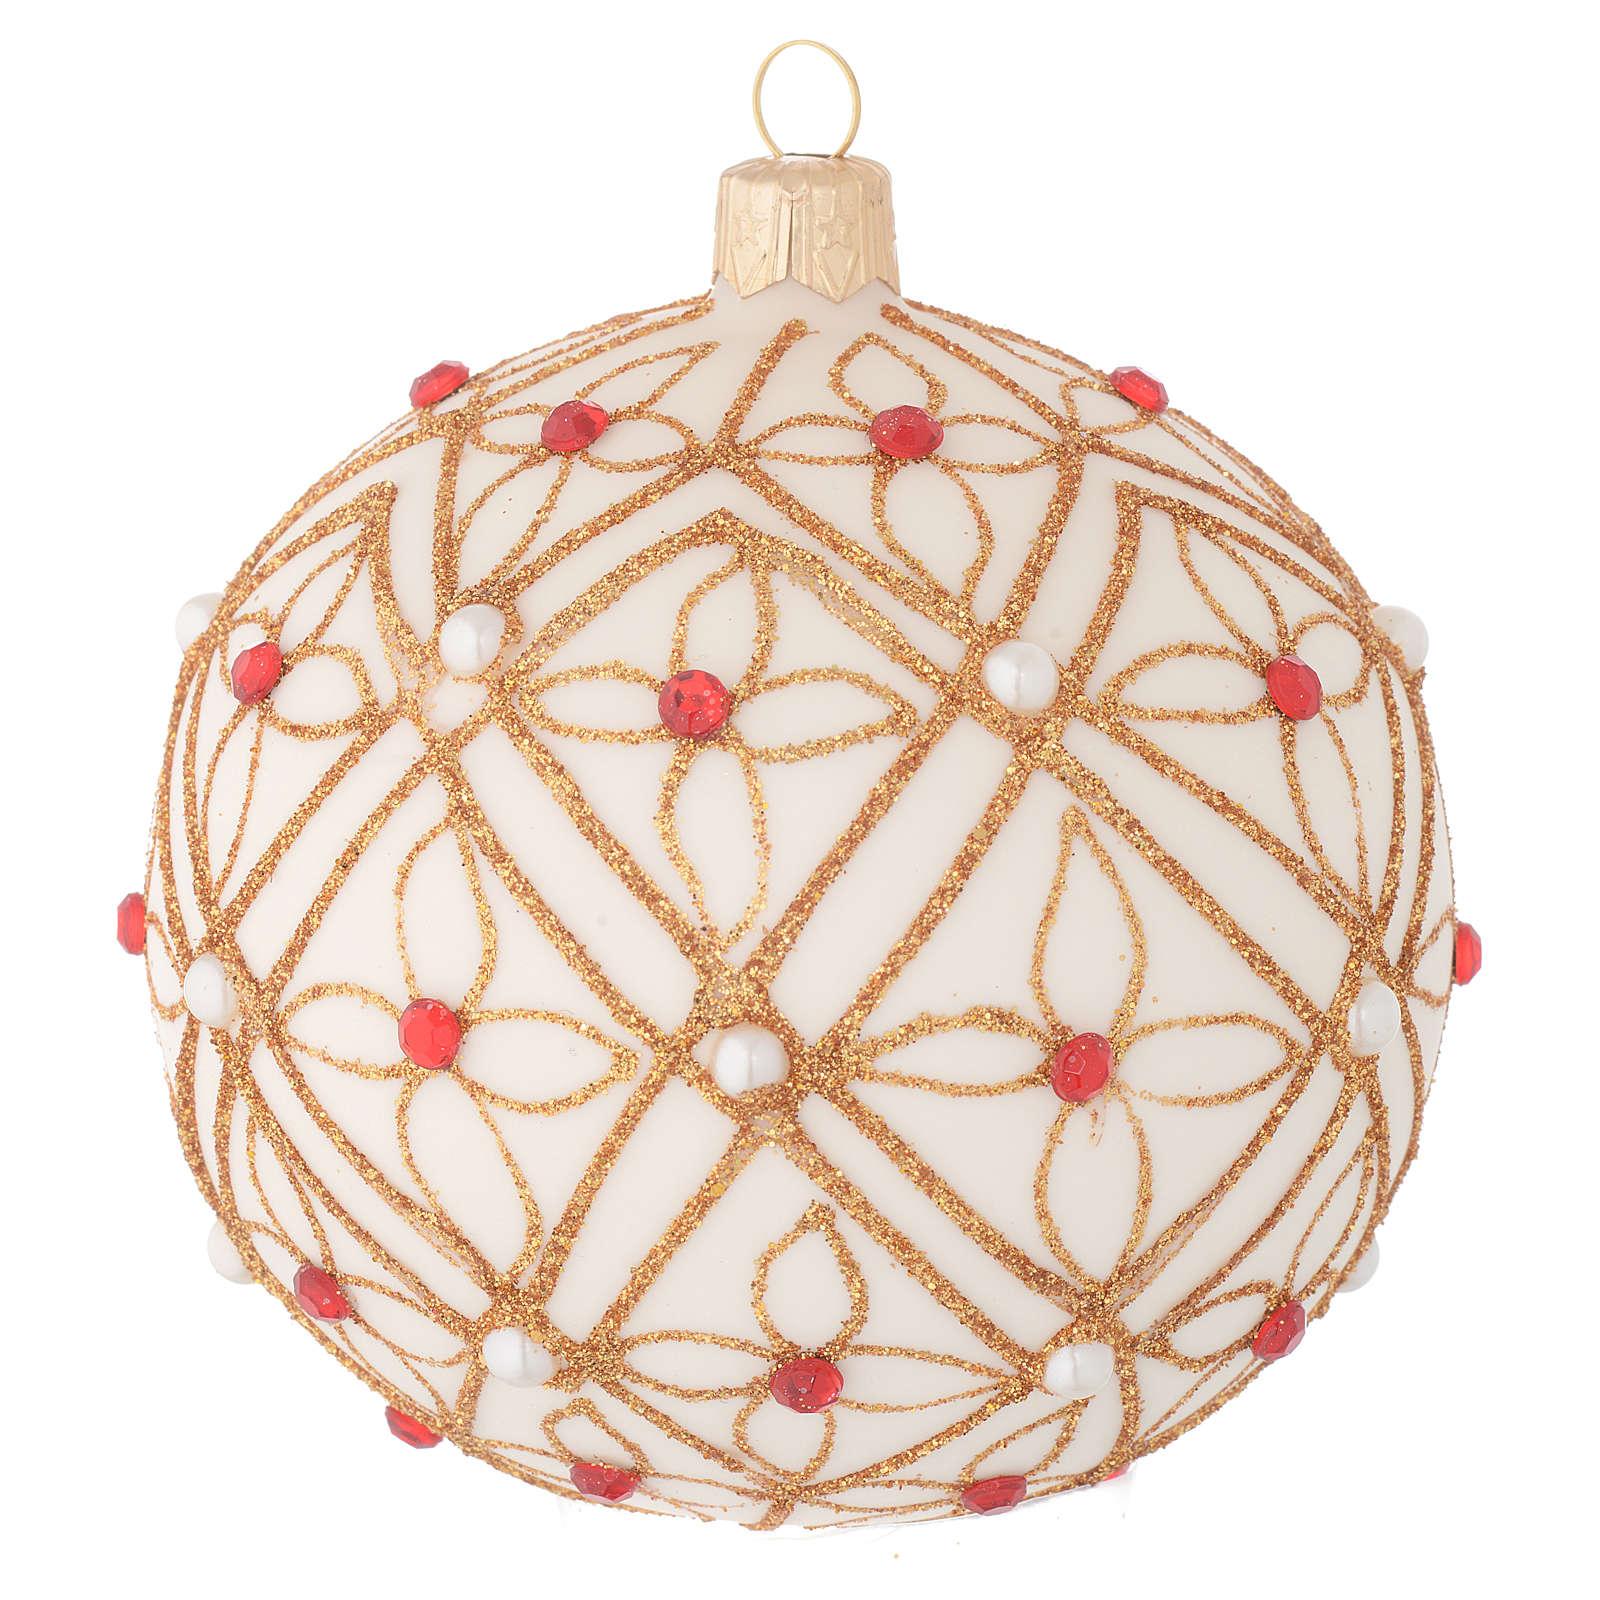 Pallina vetro soffiato avorio decoro oro e rosso 100 mm 4